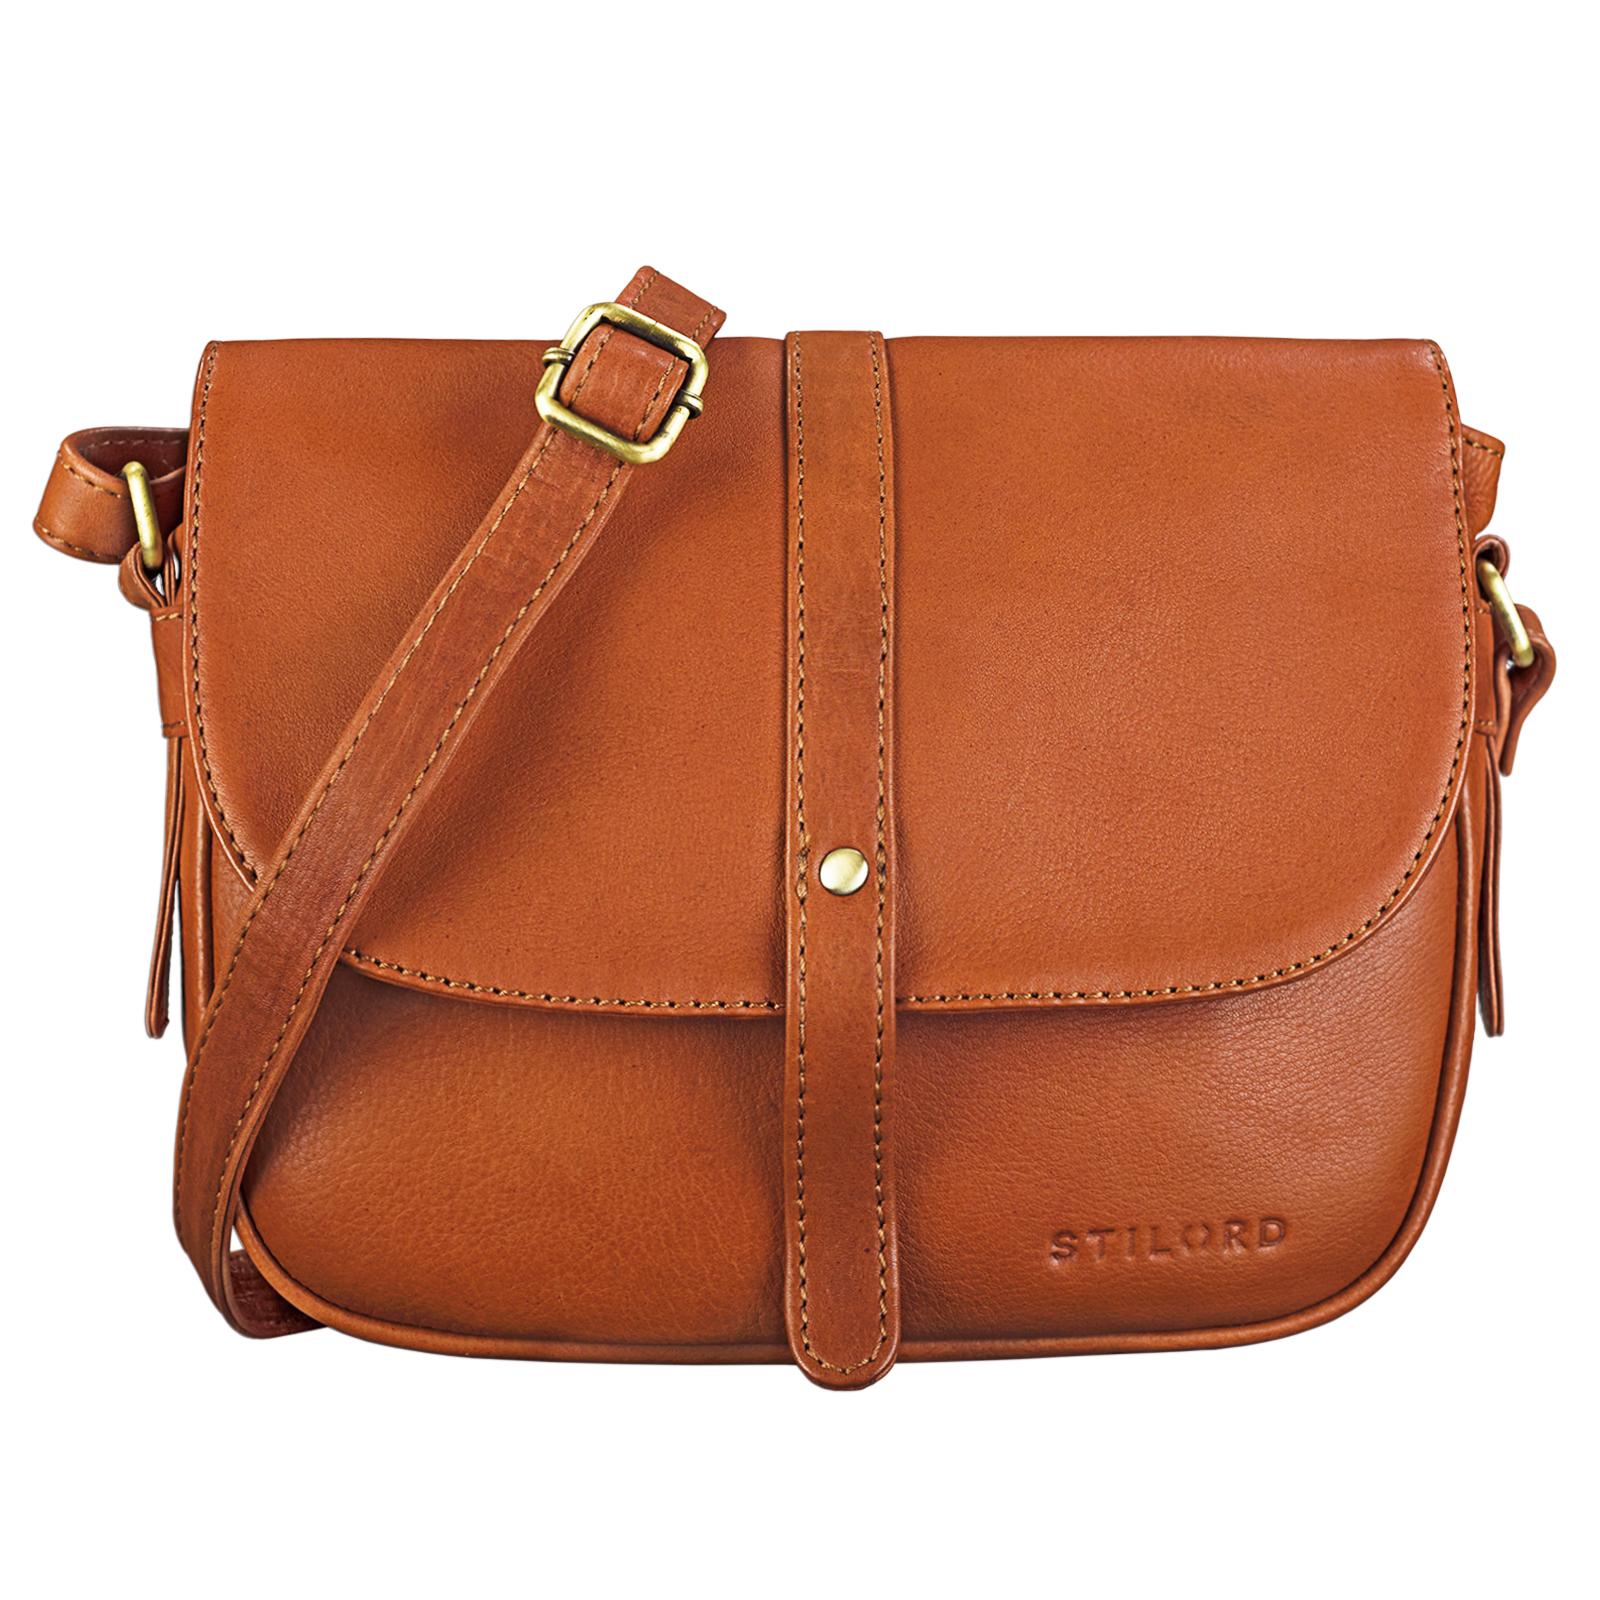 """STILORD """"Kira"""" Umhängetasche Frauen Leder Vintage kleine Handtasche zum Ausgehen klassische Abendtasche Partytasche Freizeittasche Echtleder - Bild 8"""